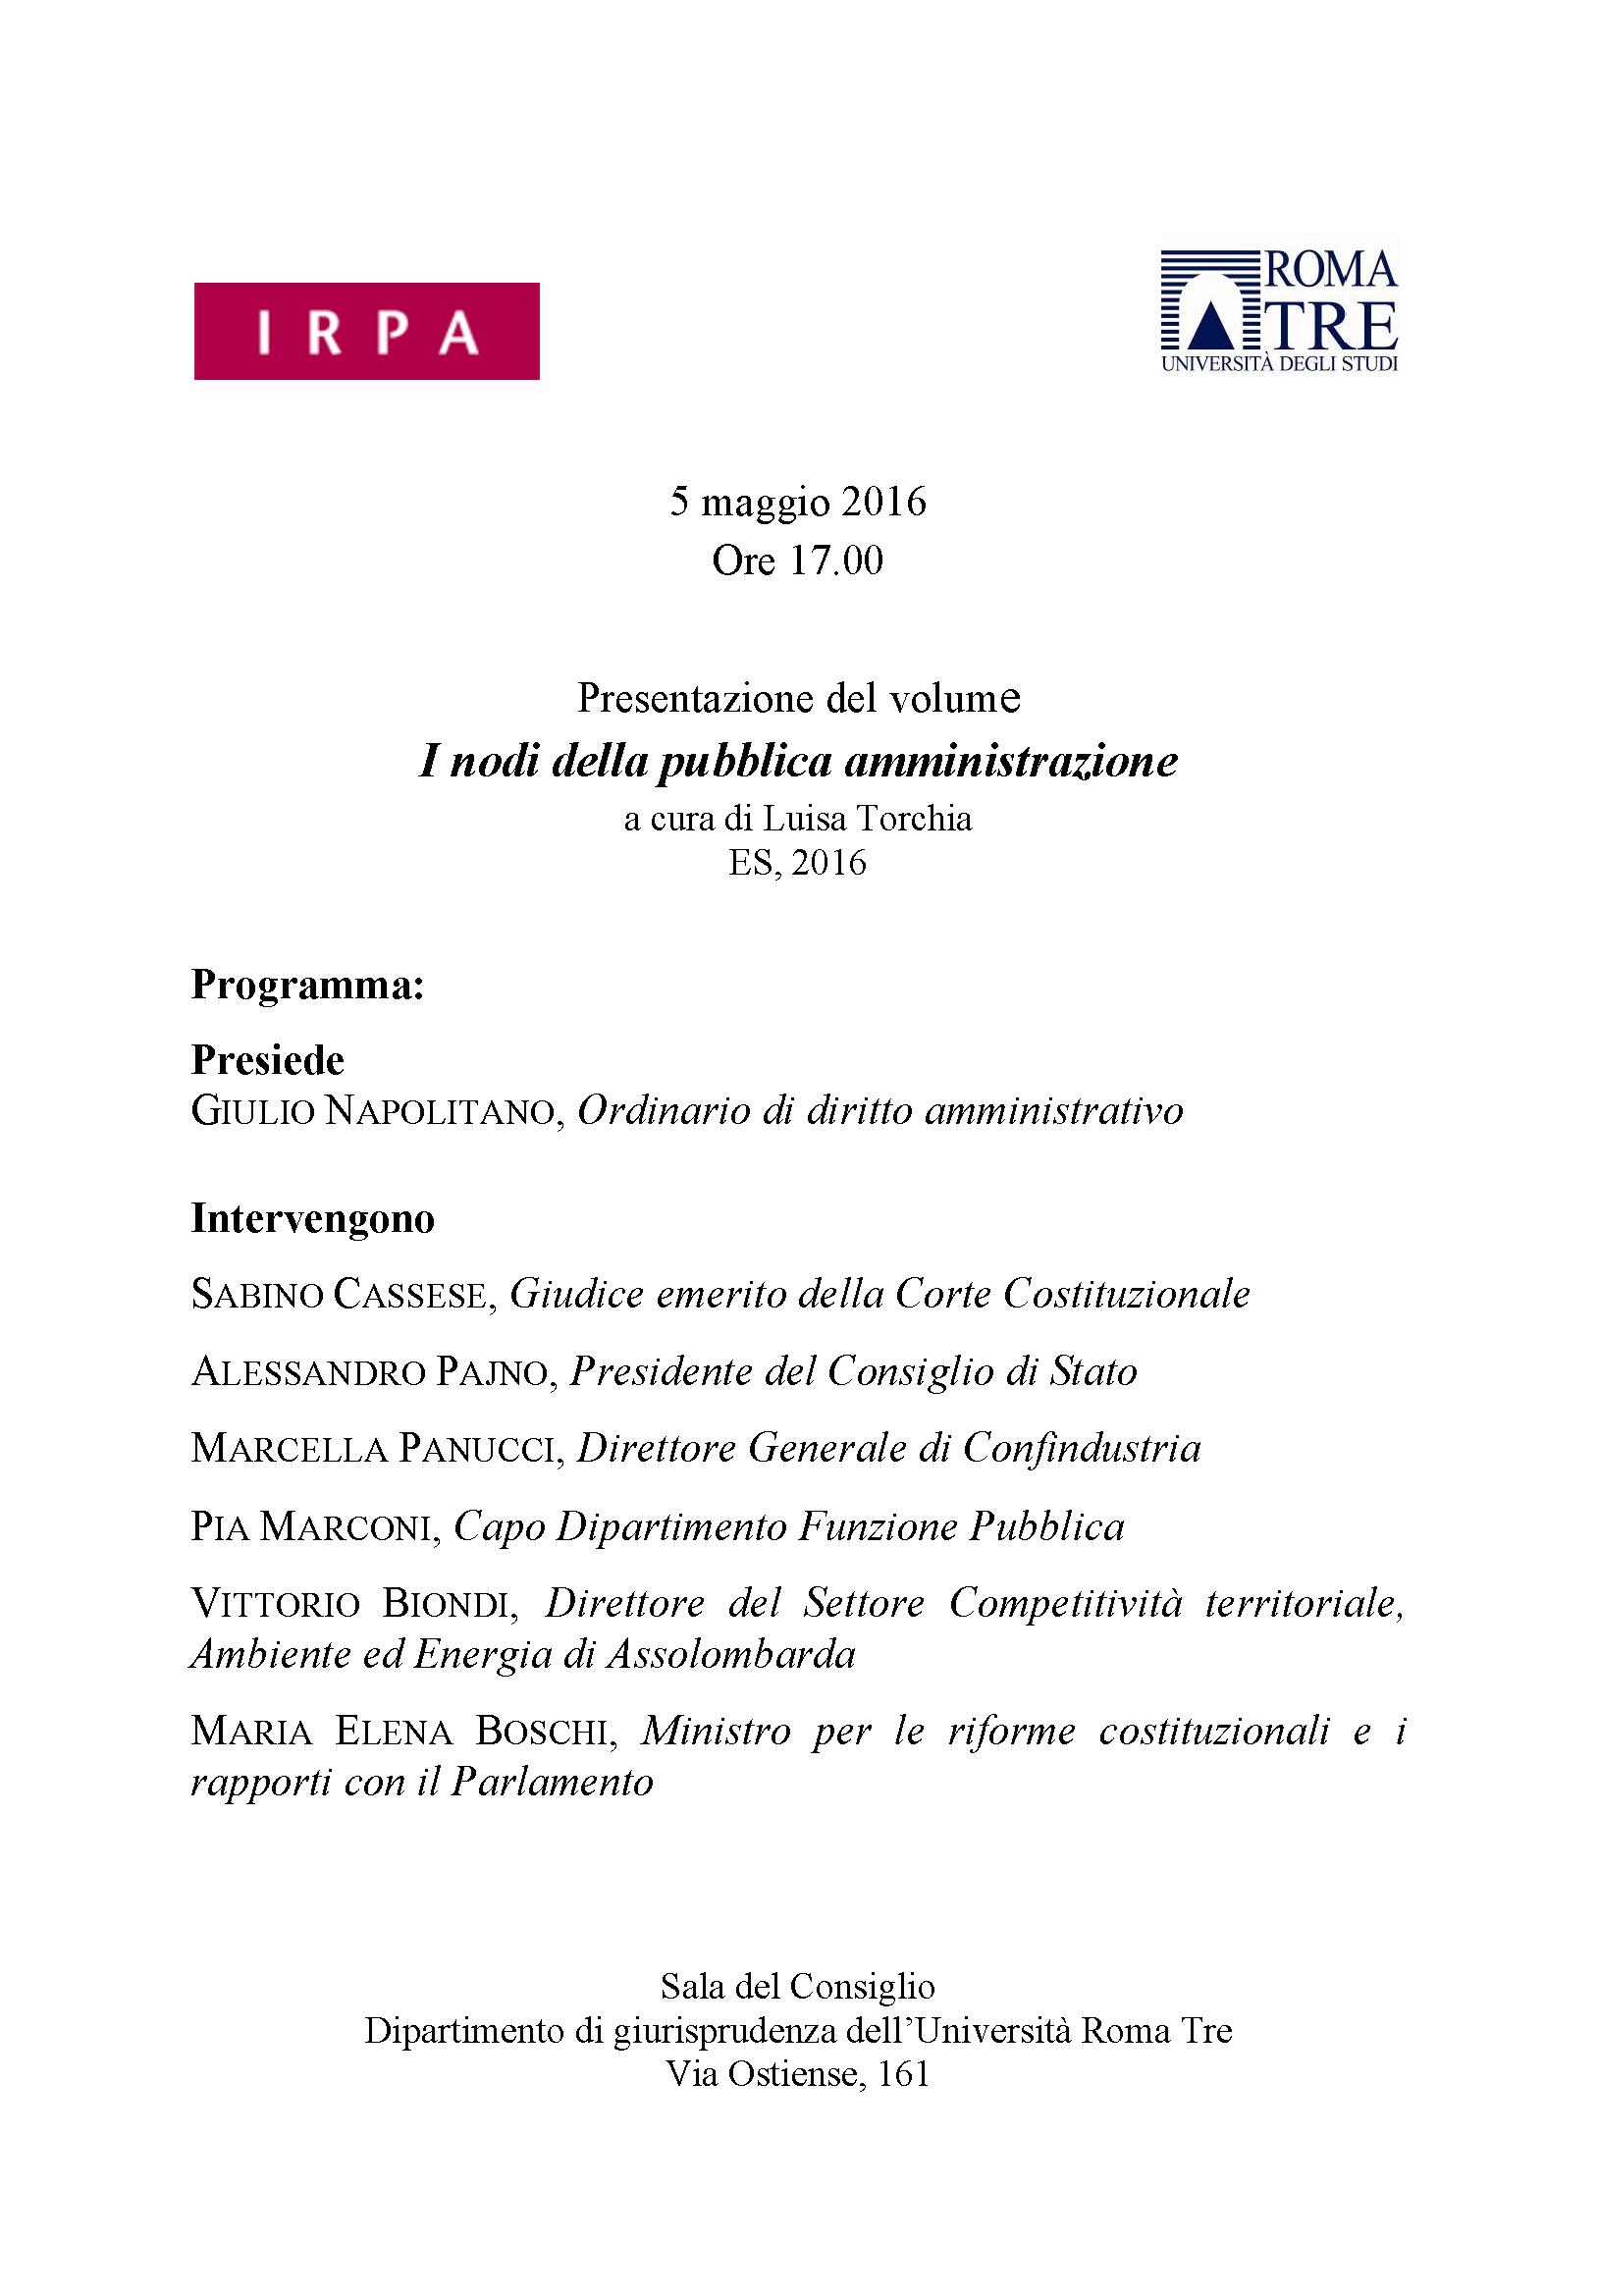 locandina-5-maggio-presentazione-volume-i-nodi-della-PA